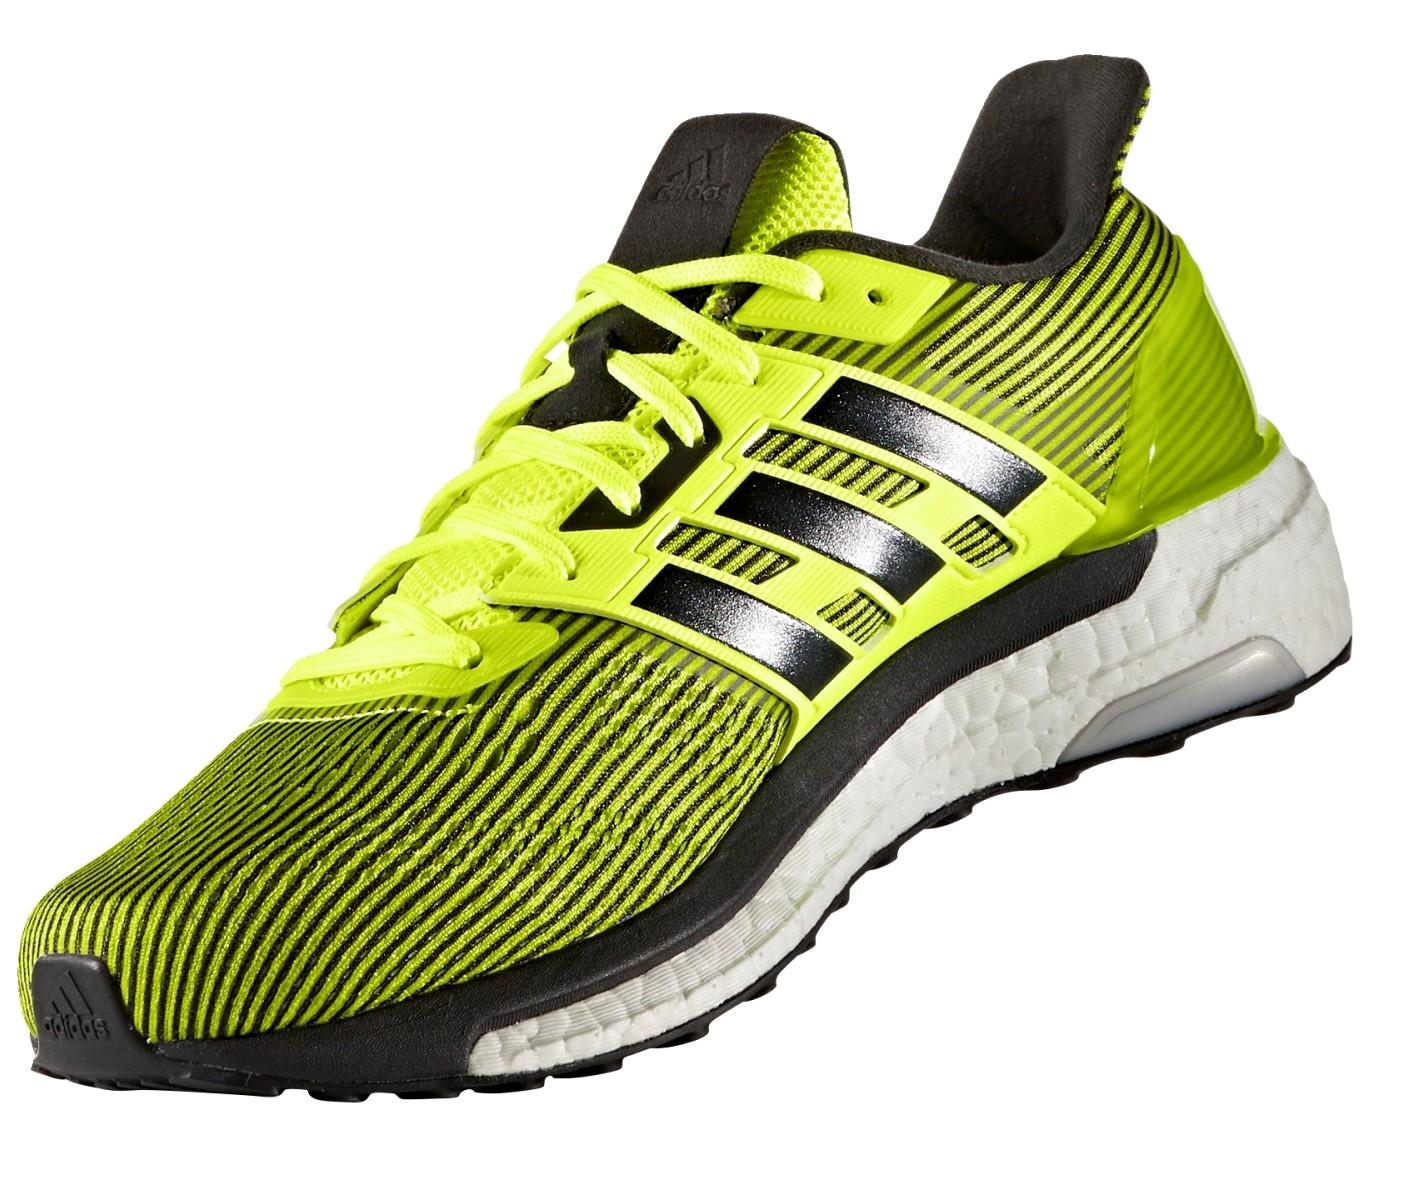 Pánske bežecké topánky adidas SUPERNOVA žlté  76fc4a21593